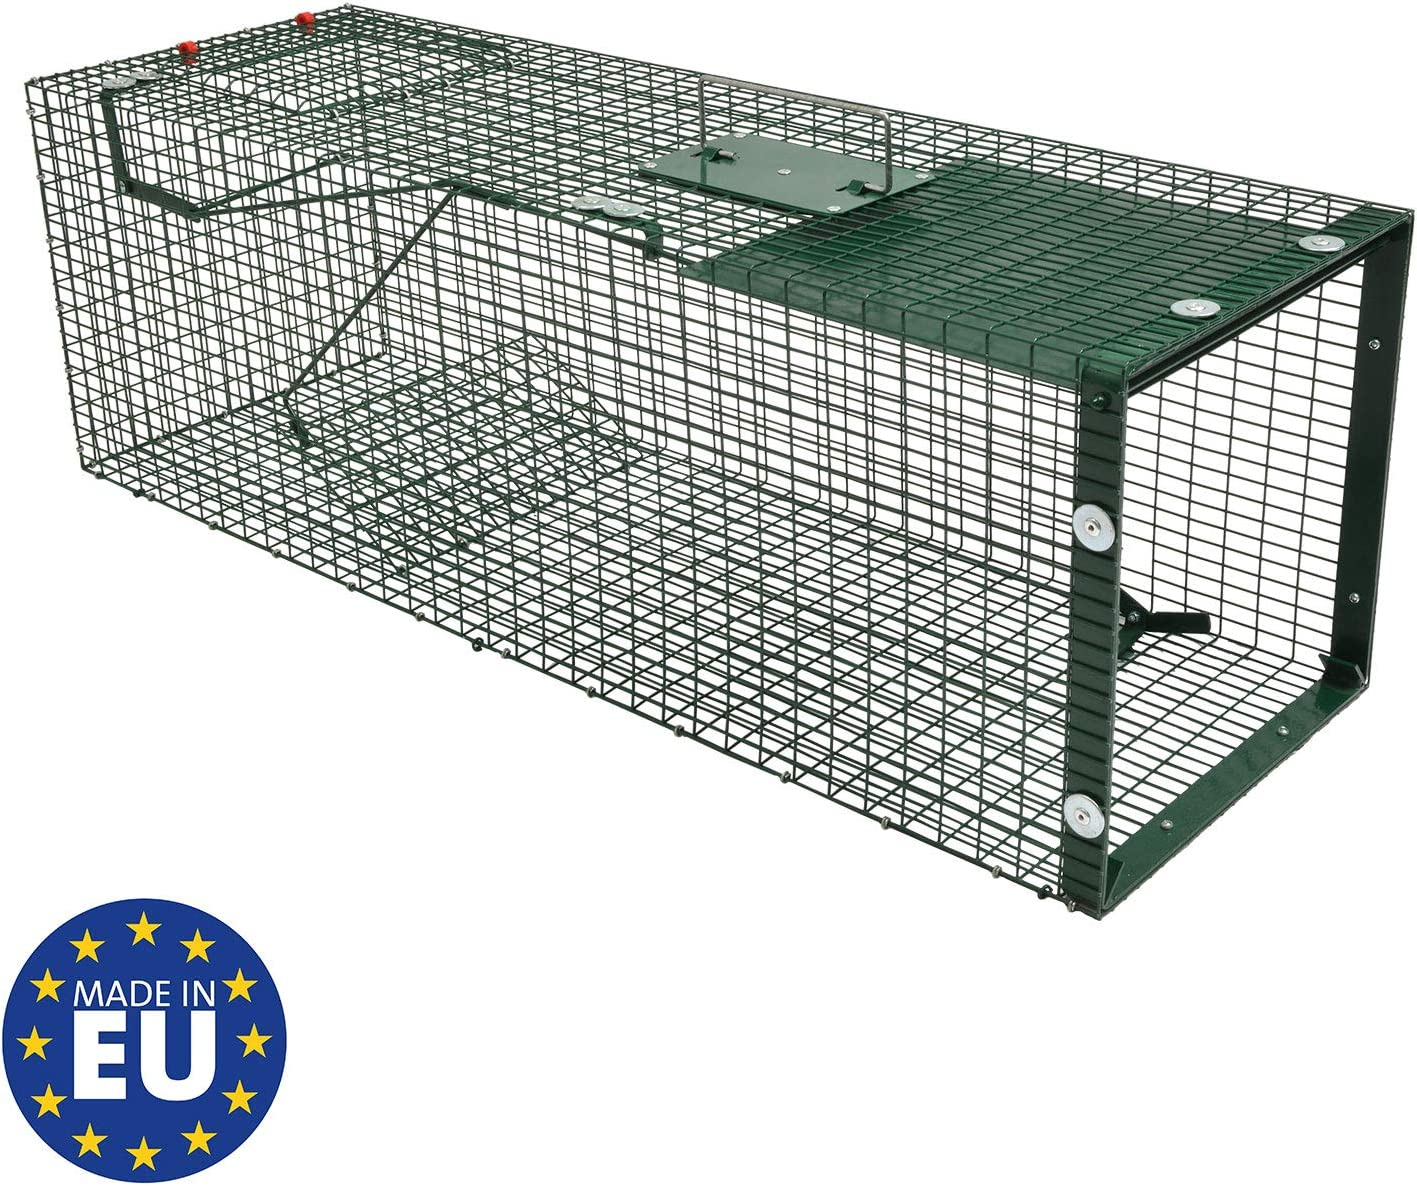 Moorland Safe 5002 - Trampa para Animales Vivos - 90x30x30 cm - para martas, Gatos, Zorros, Conejos - con 1 Entrada